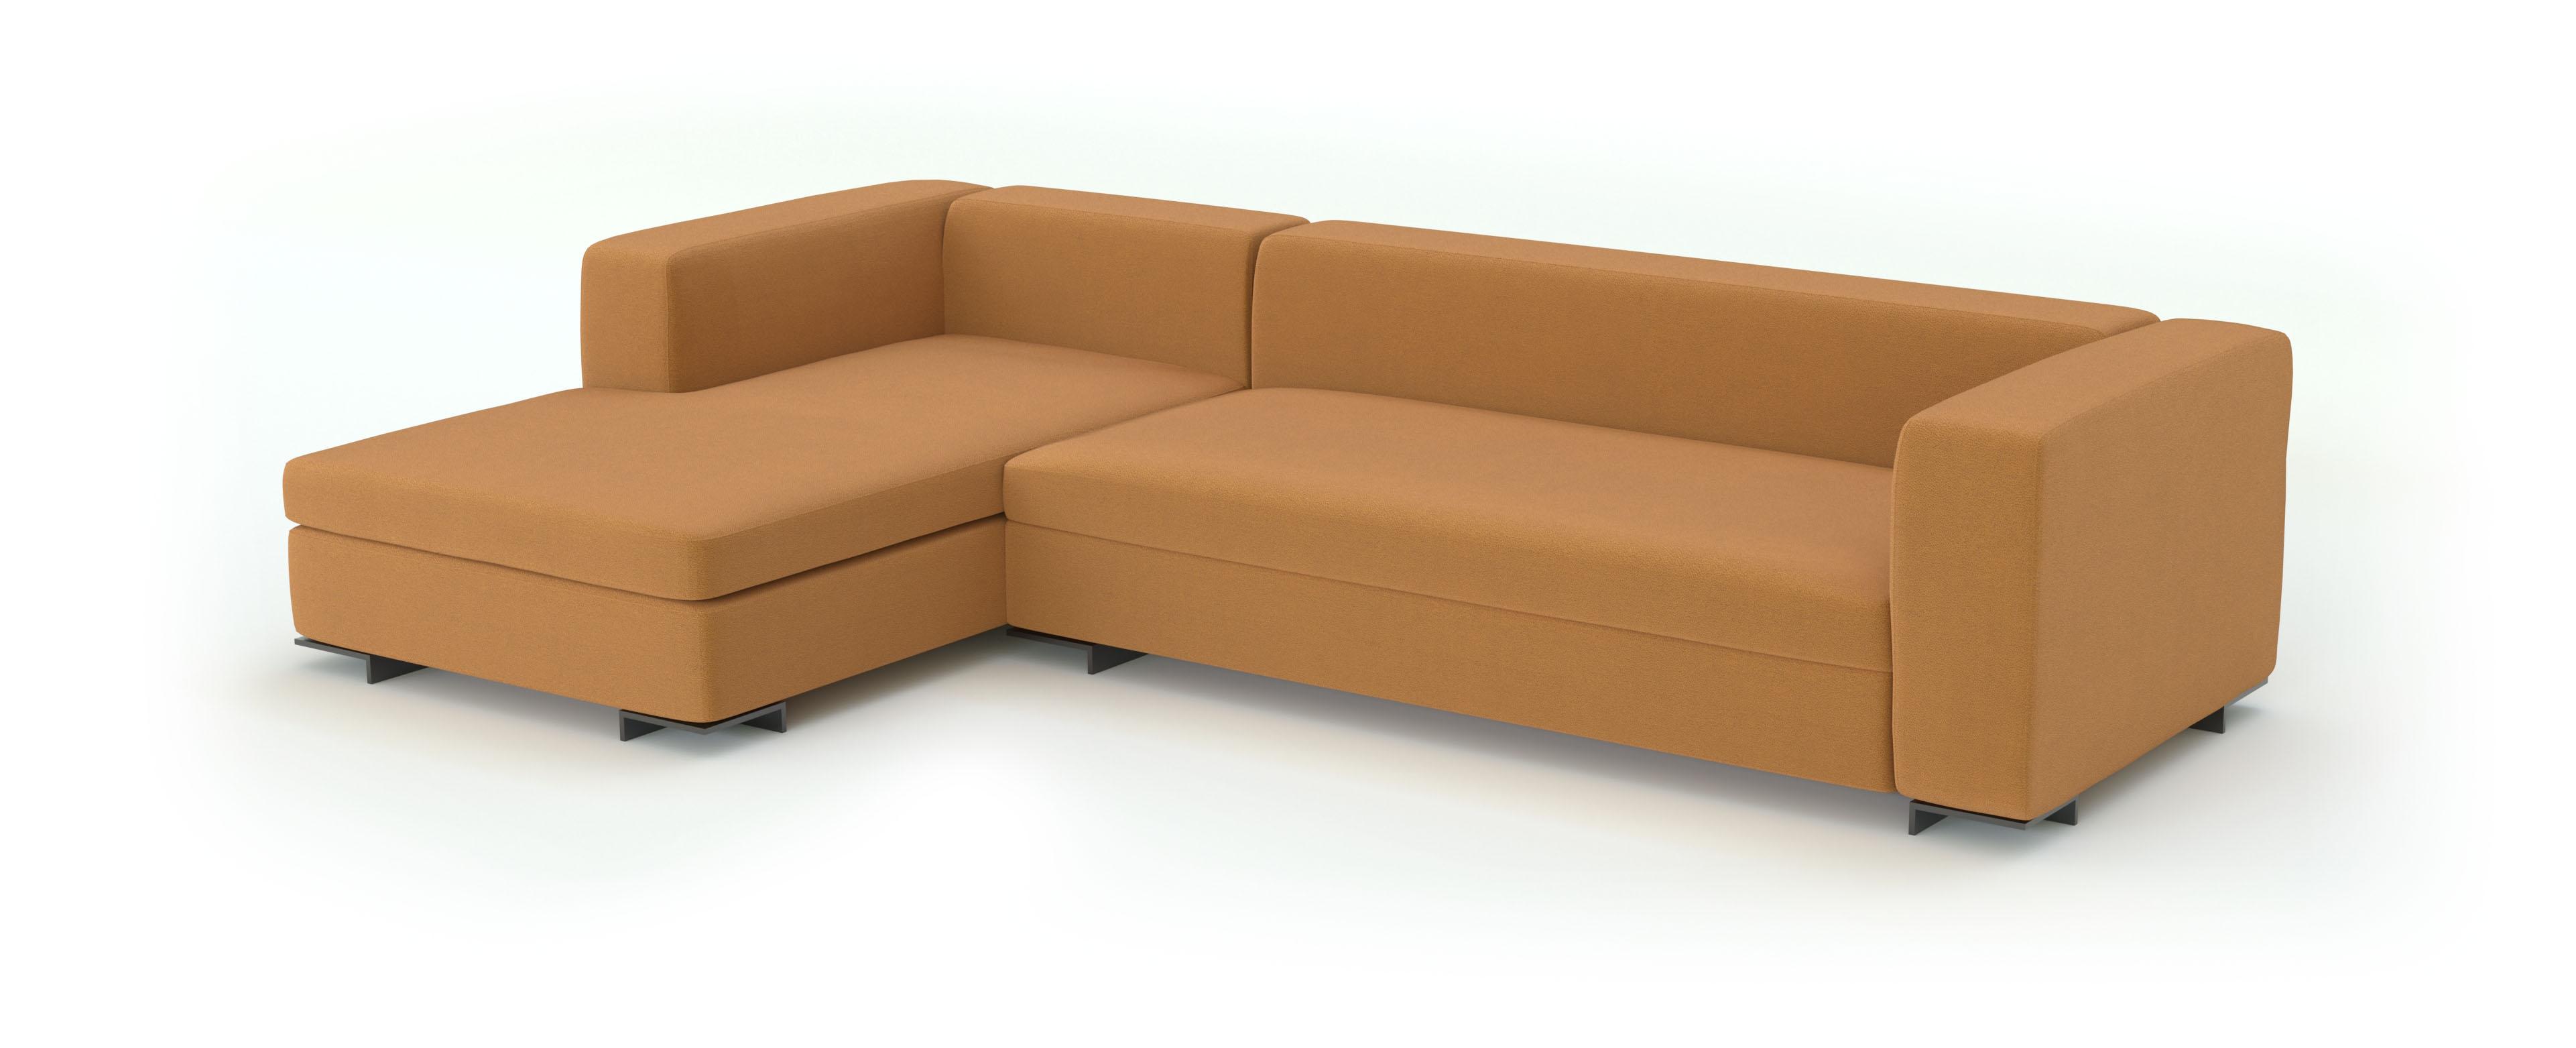 замша ткань для мебели 3d модель дивана